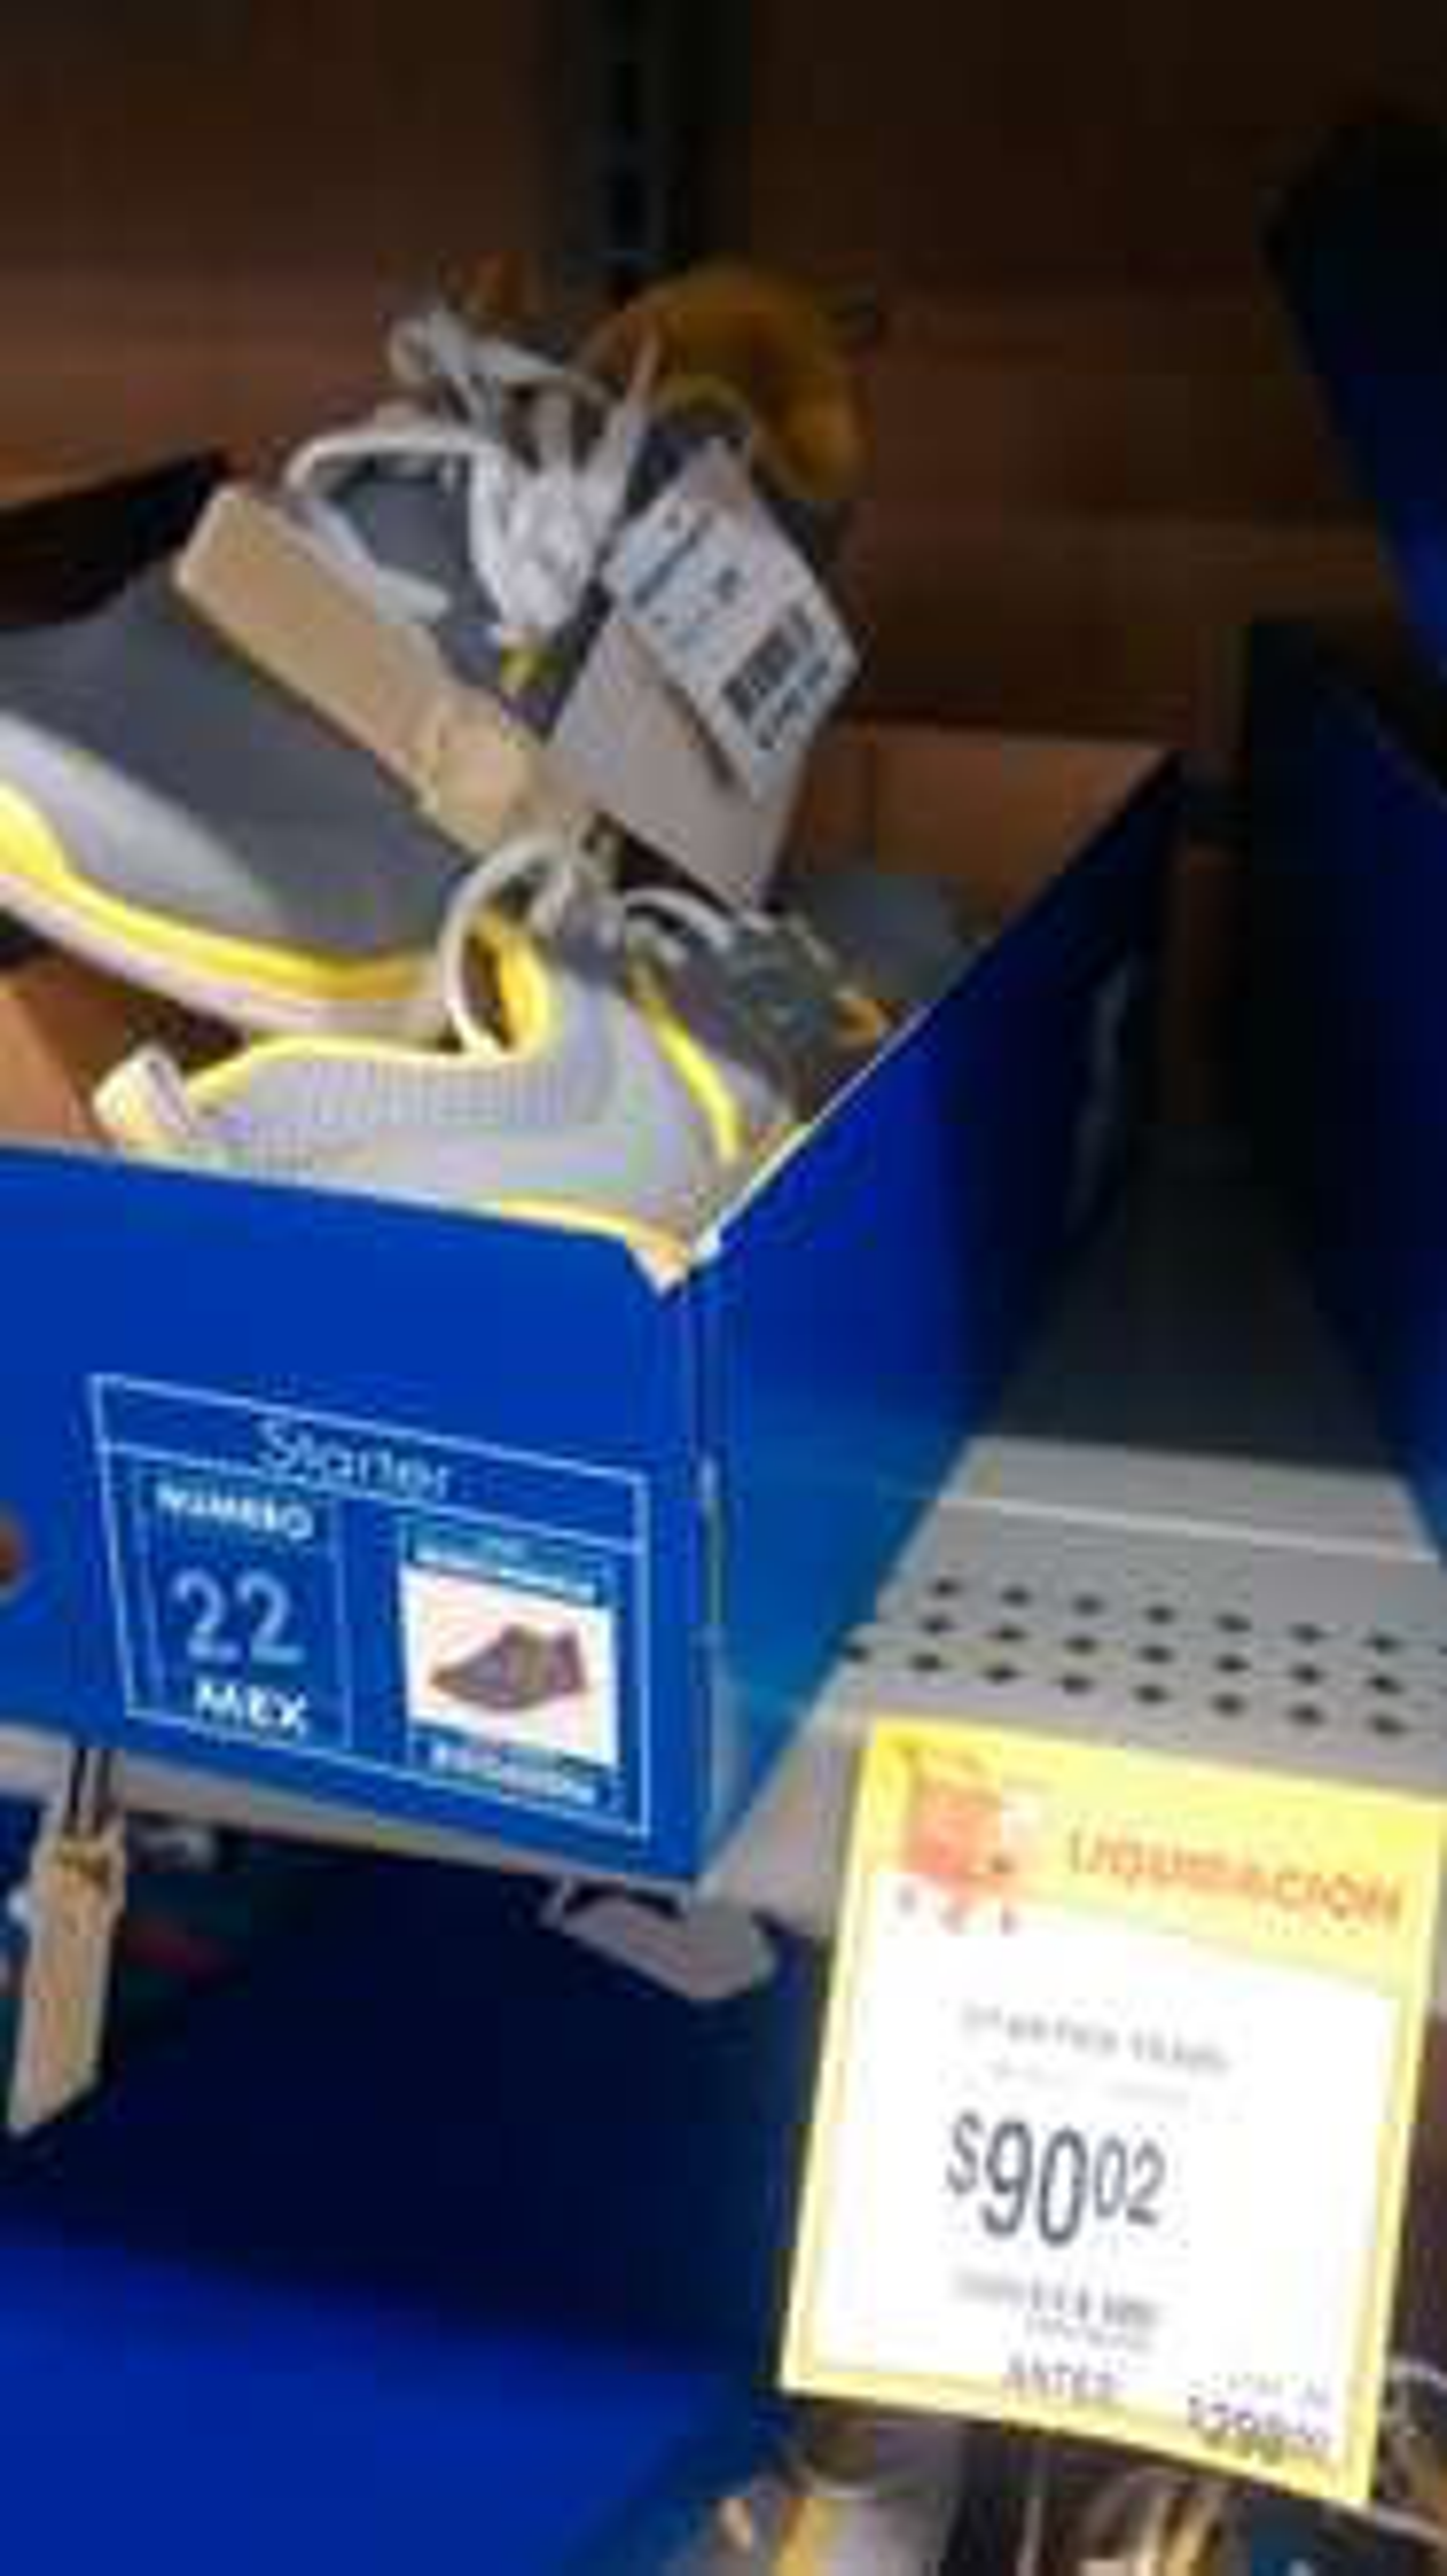 Walmart: Tenis starter a $90.02